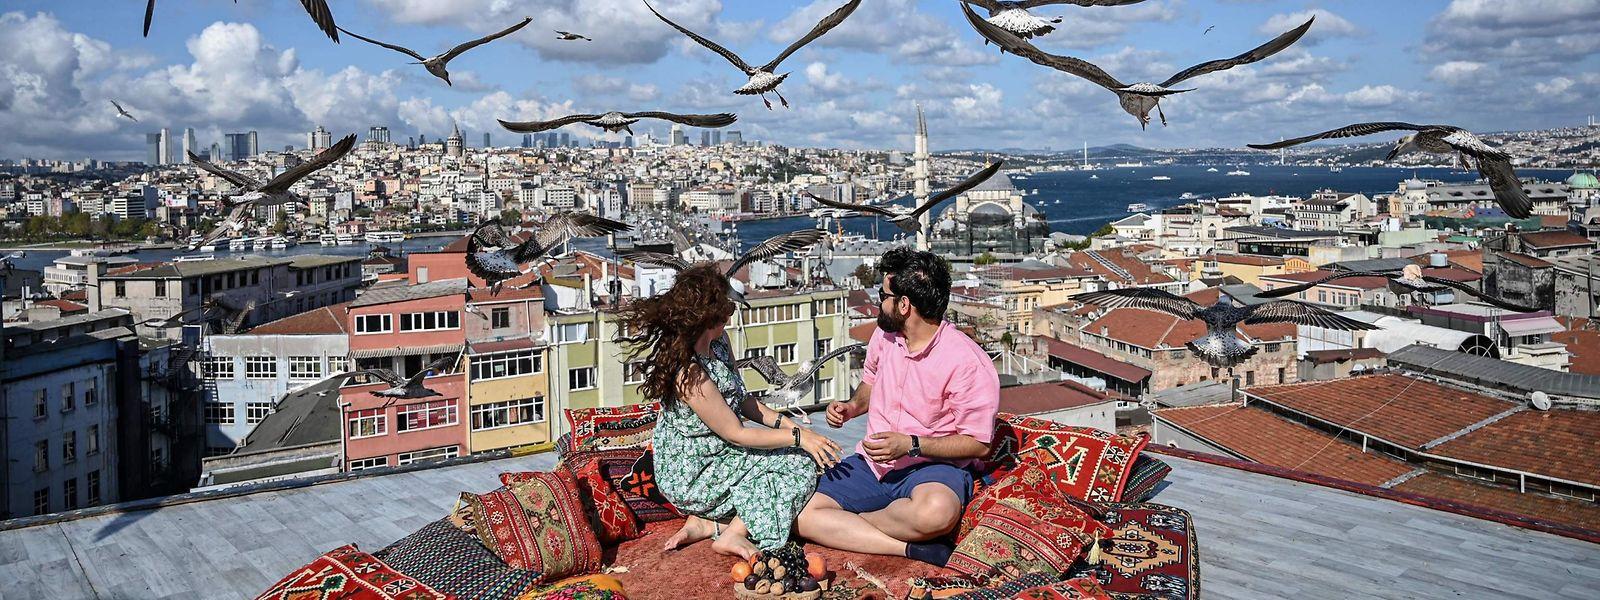 """Goldener Herbst in Istanbul: Die Sonne scheint warm über den glitzernden Bosporus, an dessen Ränder endlose Reihen Häuser die Hügel emporwachsen. Da kommt diese Dachterrasse wie gerufen. Wer vielleicht literarisch reisen will, dem sei """"Istanbul – Erinnerungen und Bilder aus einer Stadt"""" von Orhan Pamuk empfohlen. Die Stadt bedeutet dem Literaturnobelpreisträger die Welt."""